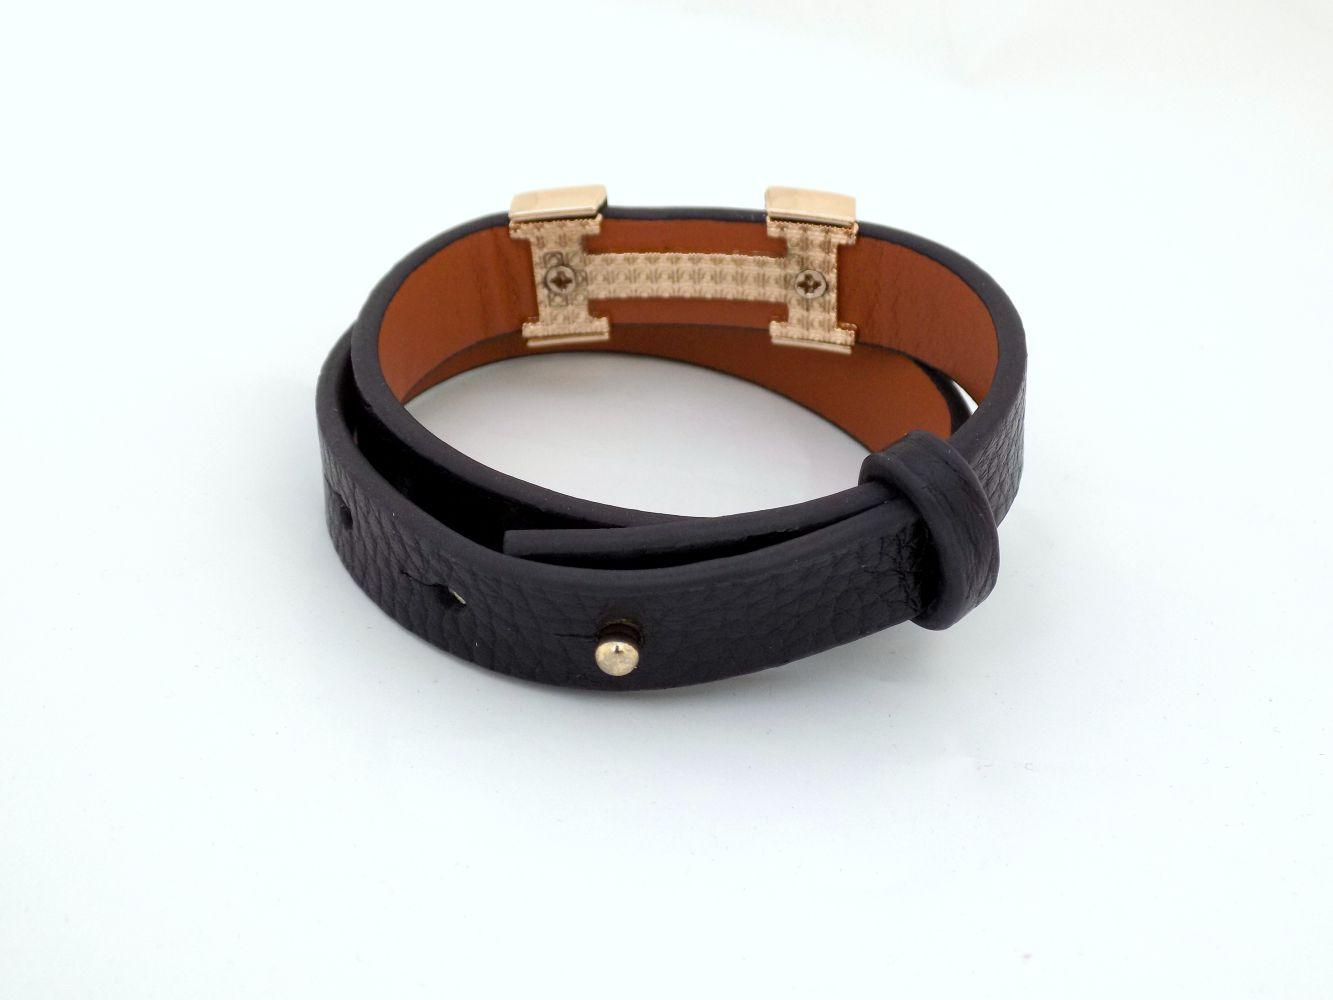 دستبند دخترانه چرمی فری سایز با رویه استیل طلایی ds-n234 از نمای پشت